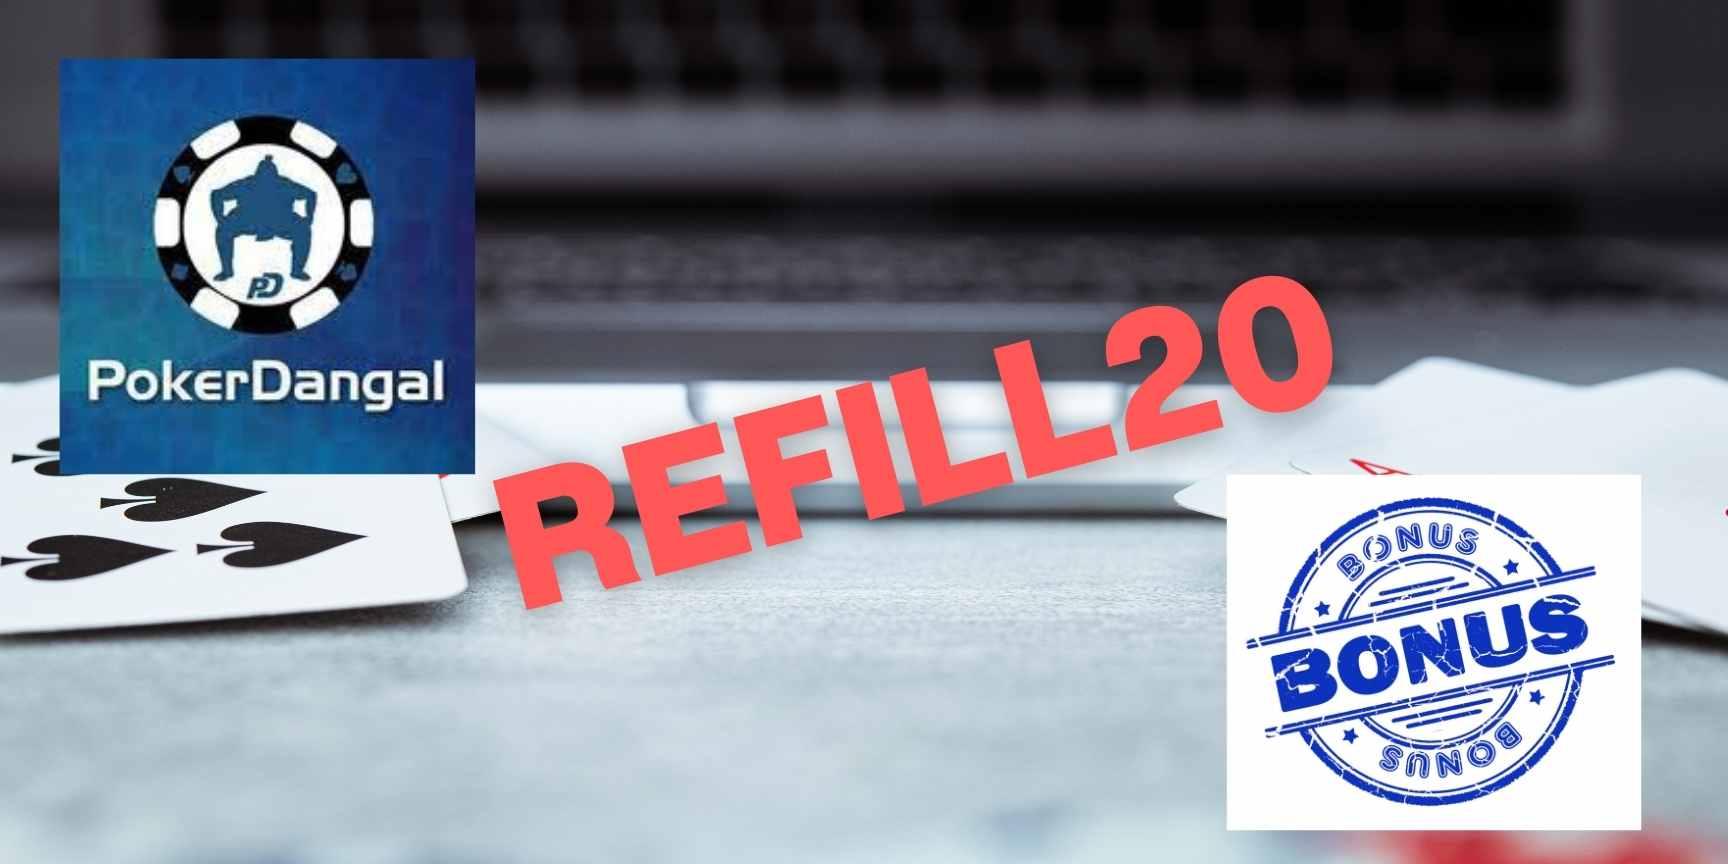 PokerDangal bonus REFILL20